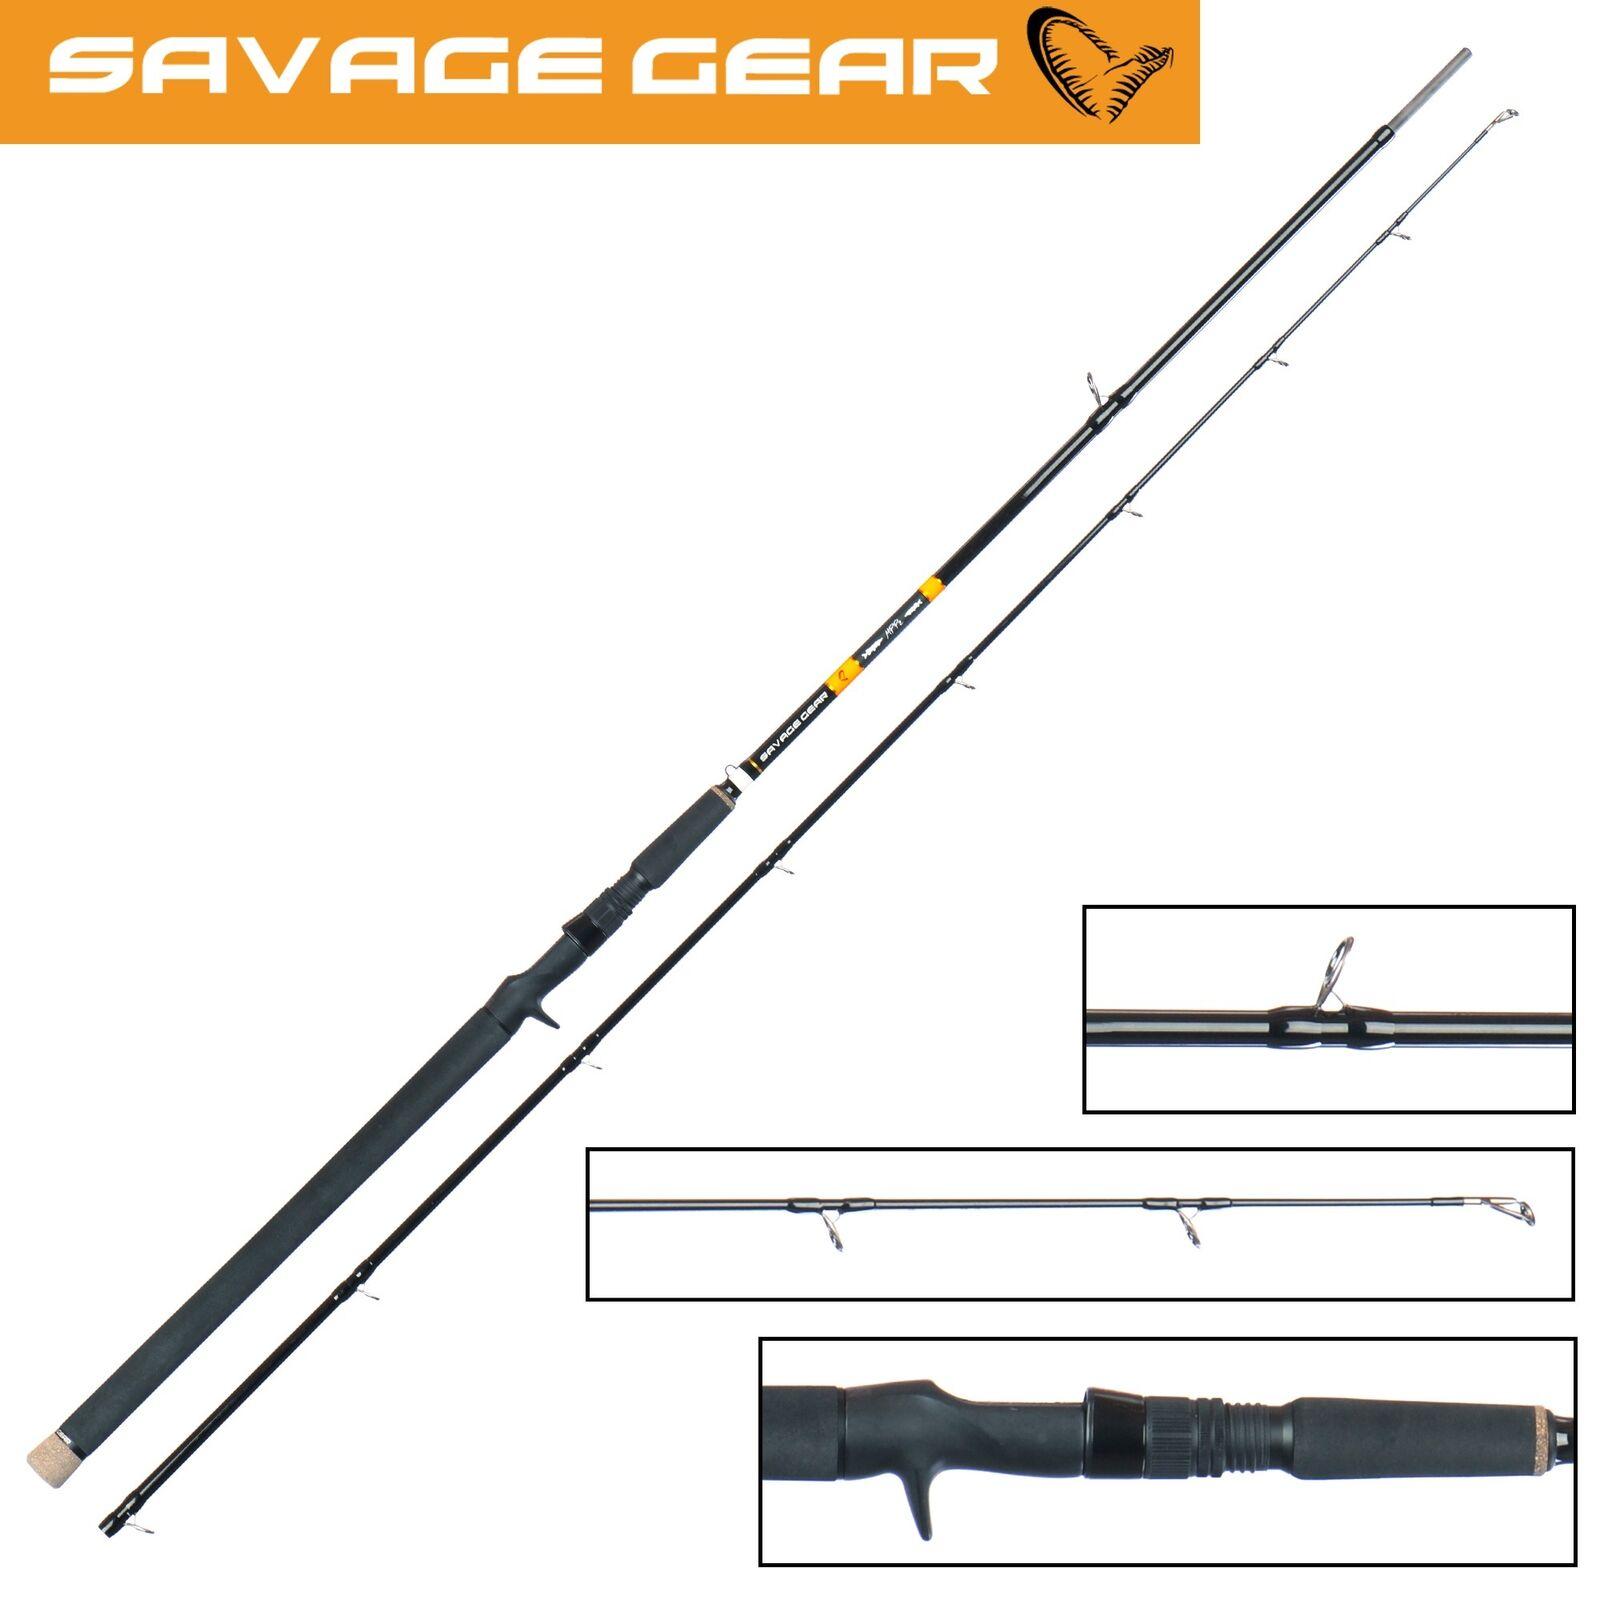 Savage Gear MPP2 Trigger 259cm 90g - Spinnrute Hechtrute Raubfischrute